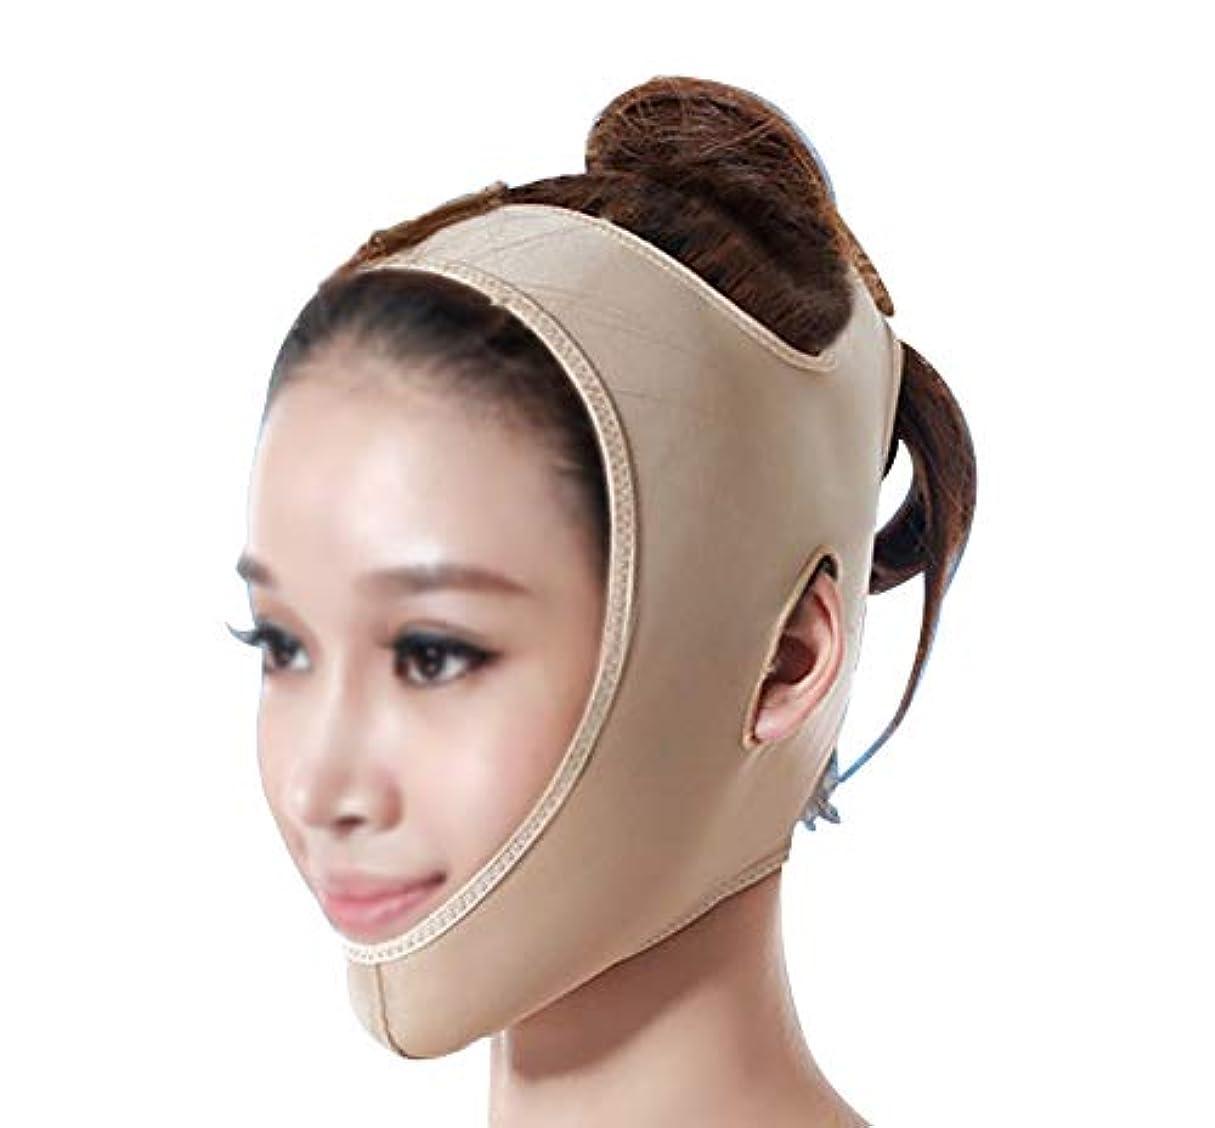 一節絶妙用量TLMY 引き締めマスクマスク美容薬マスク美容V顔包帯ライン彫刻引き締めしっかりダブルチンマスク 顔用整形マスク (Size : XL)